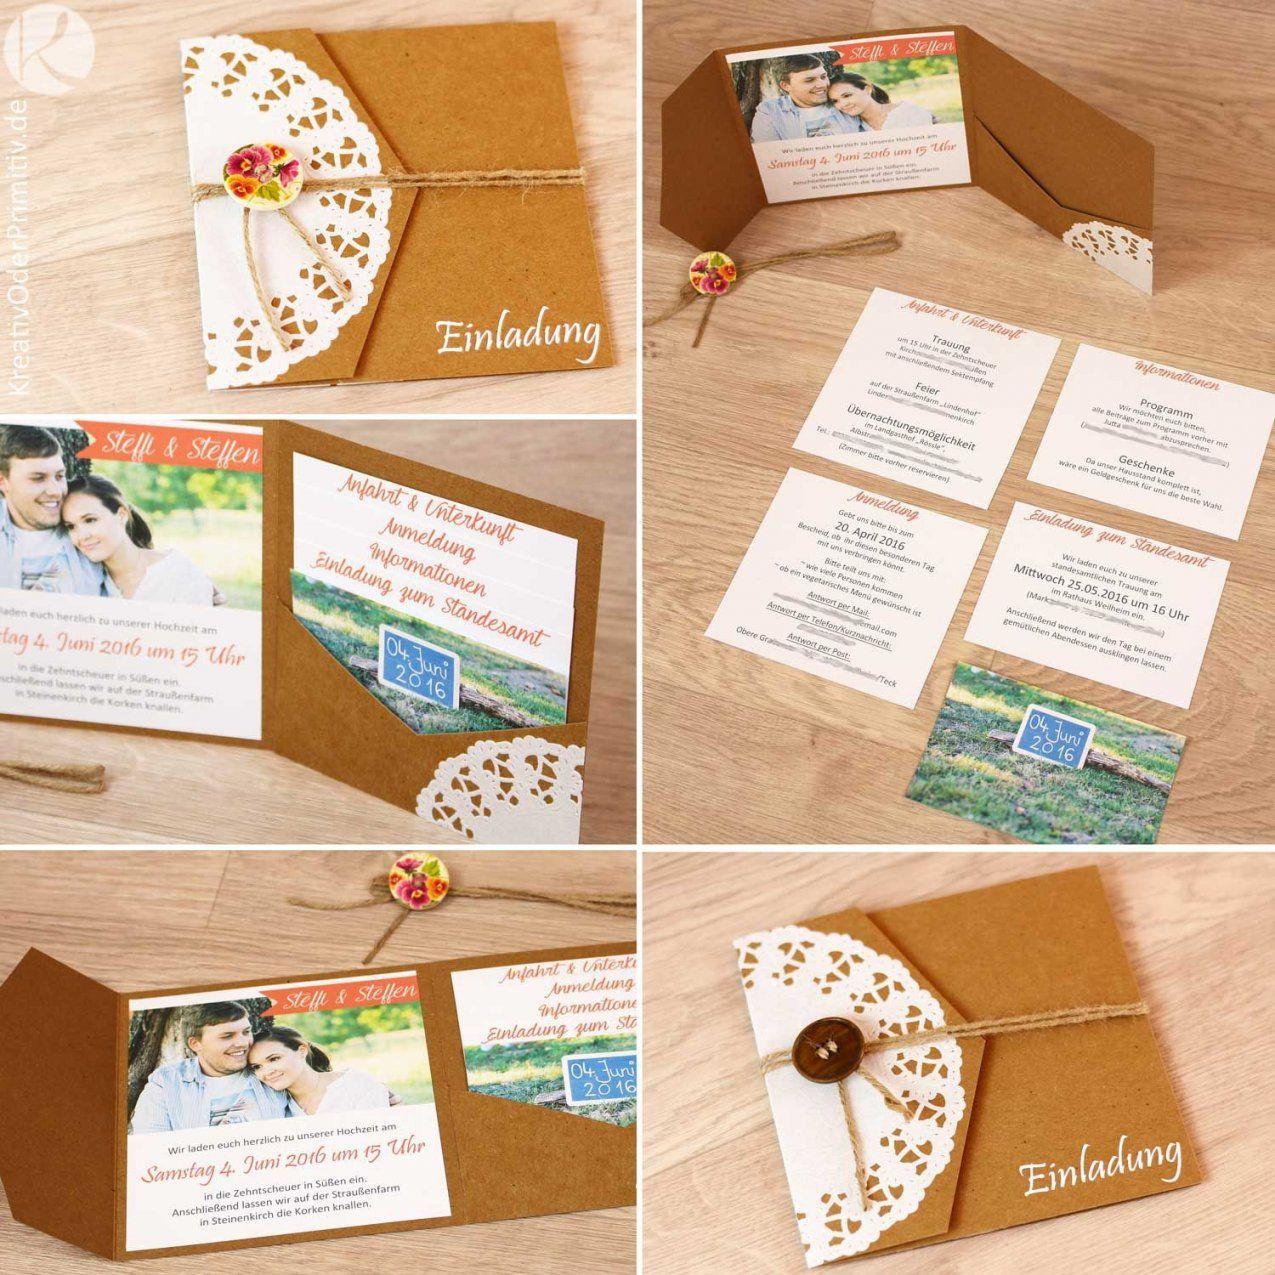 Einladung Hochzeitseinladung Hochzeit Karte Kraftpapier Vintage von Save The Date Karten Basteln Bild